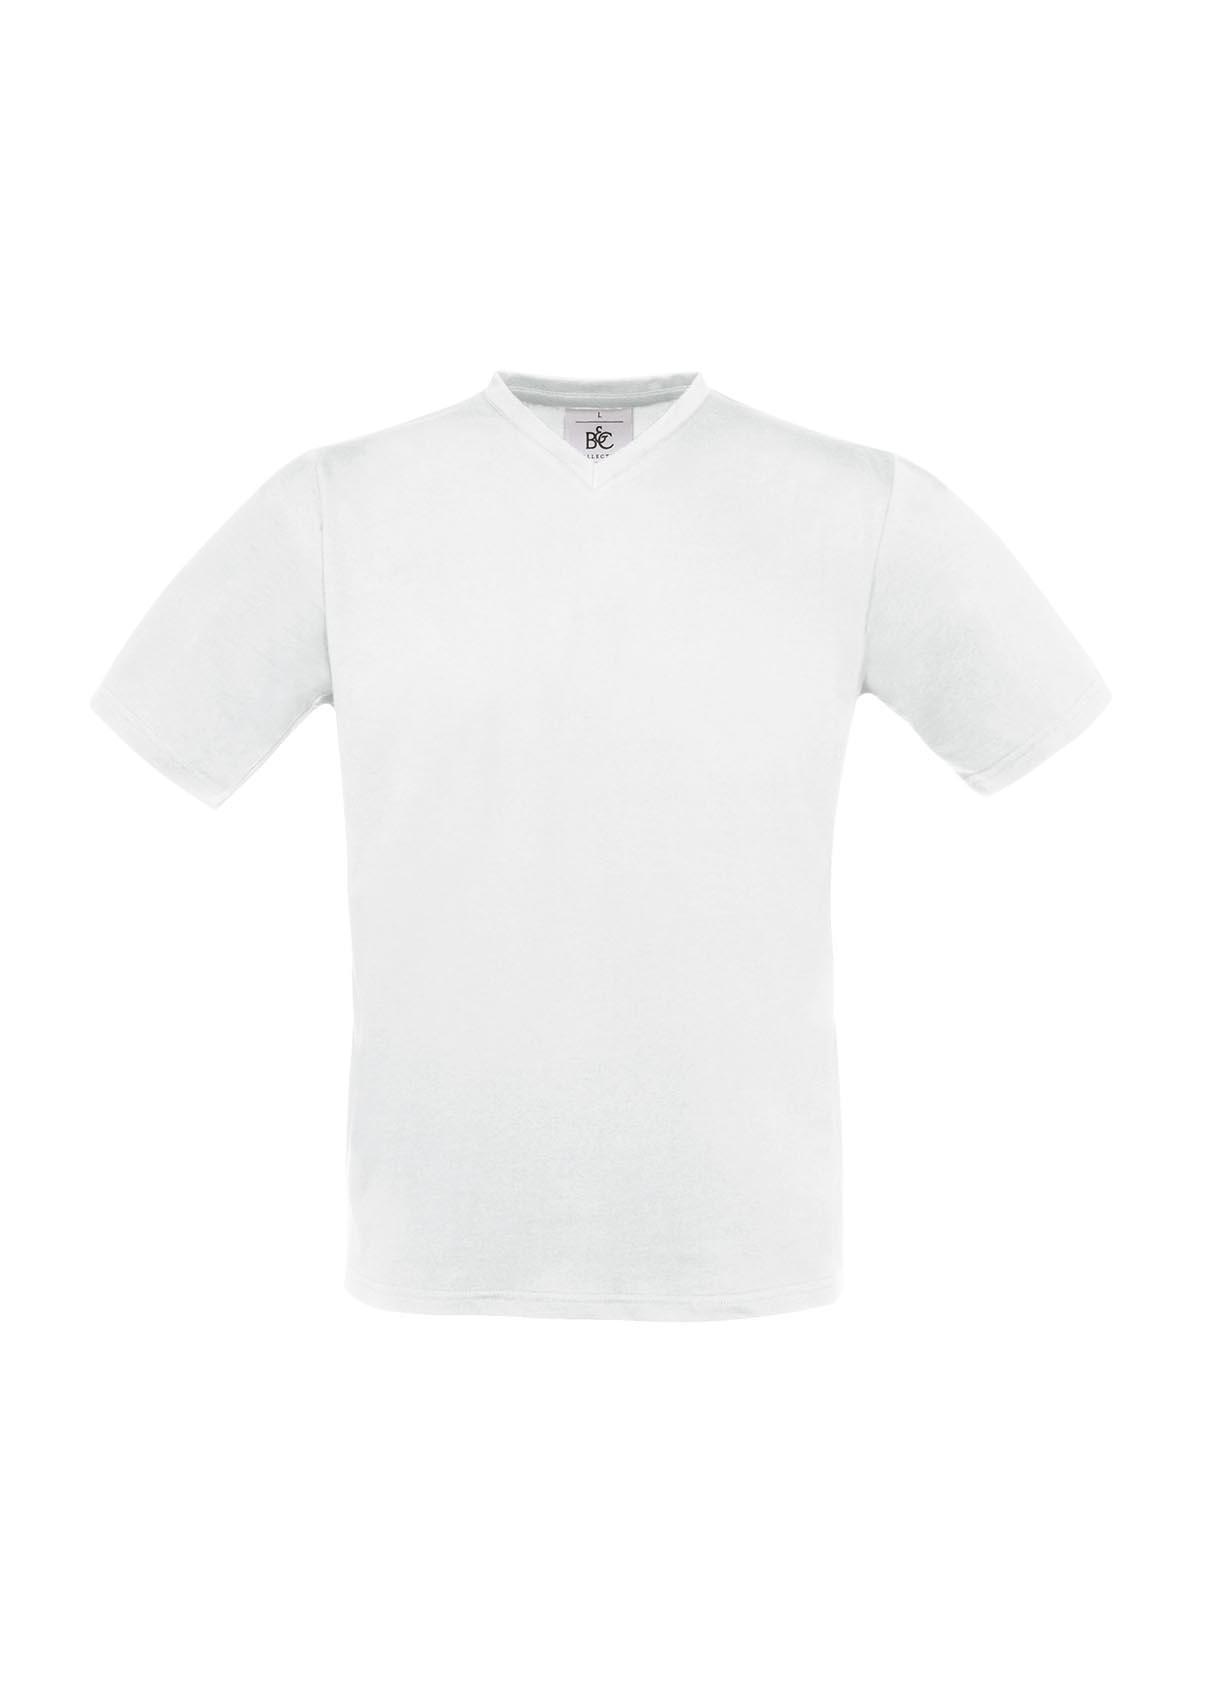 V NECK - WHITE